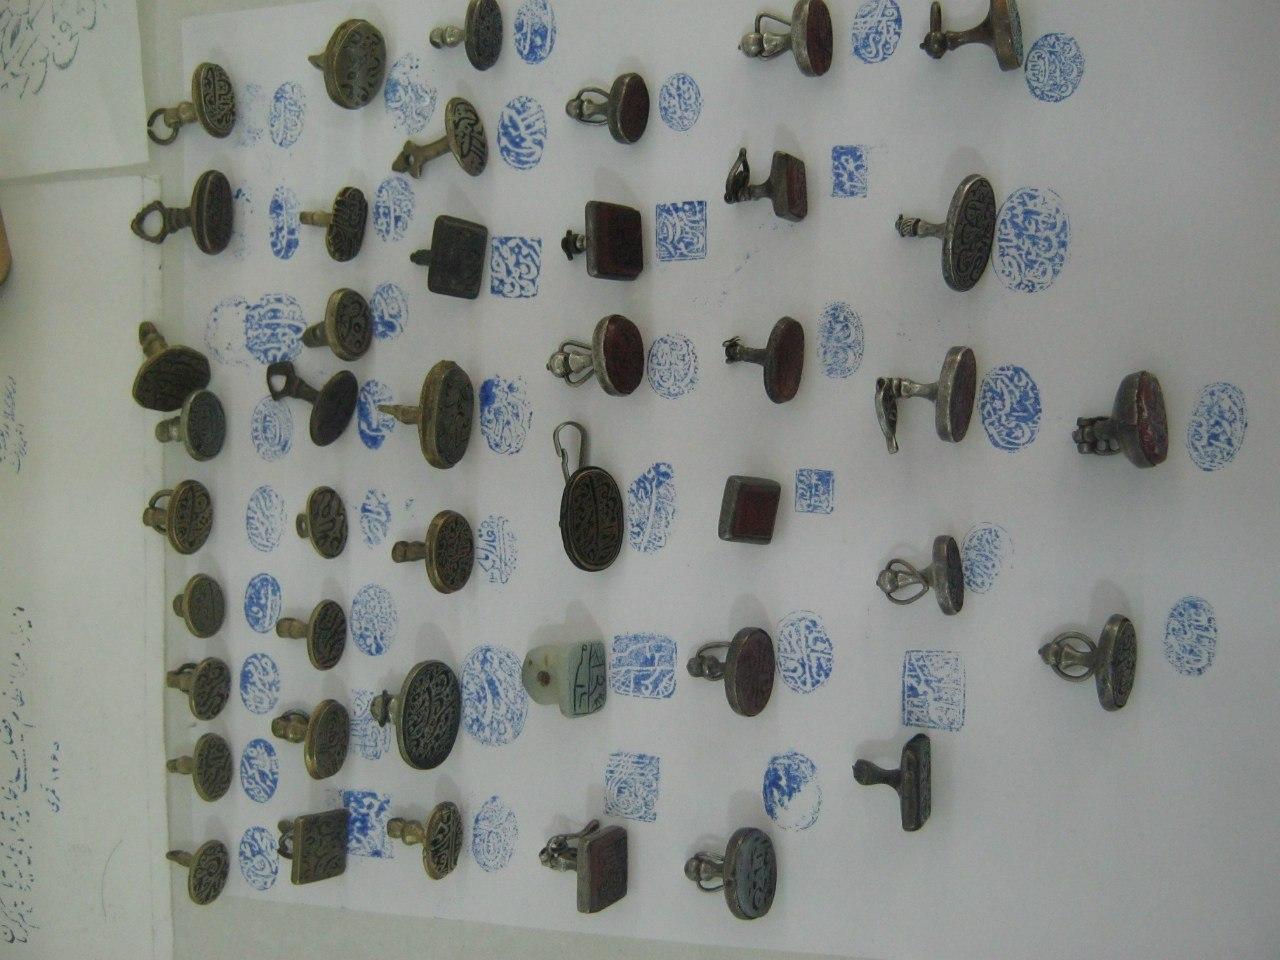 коллекция штампов печатей в традиционном персидском виде